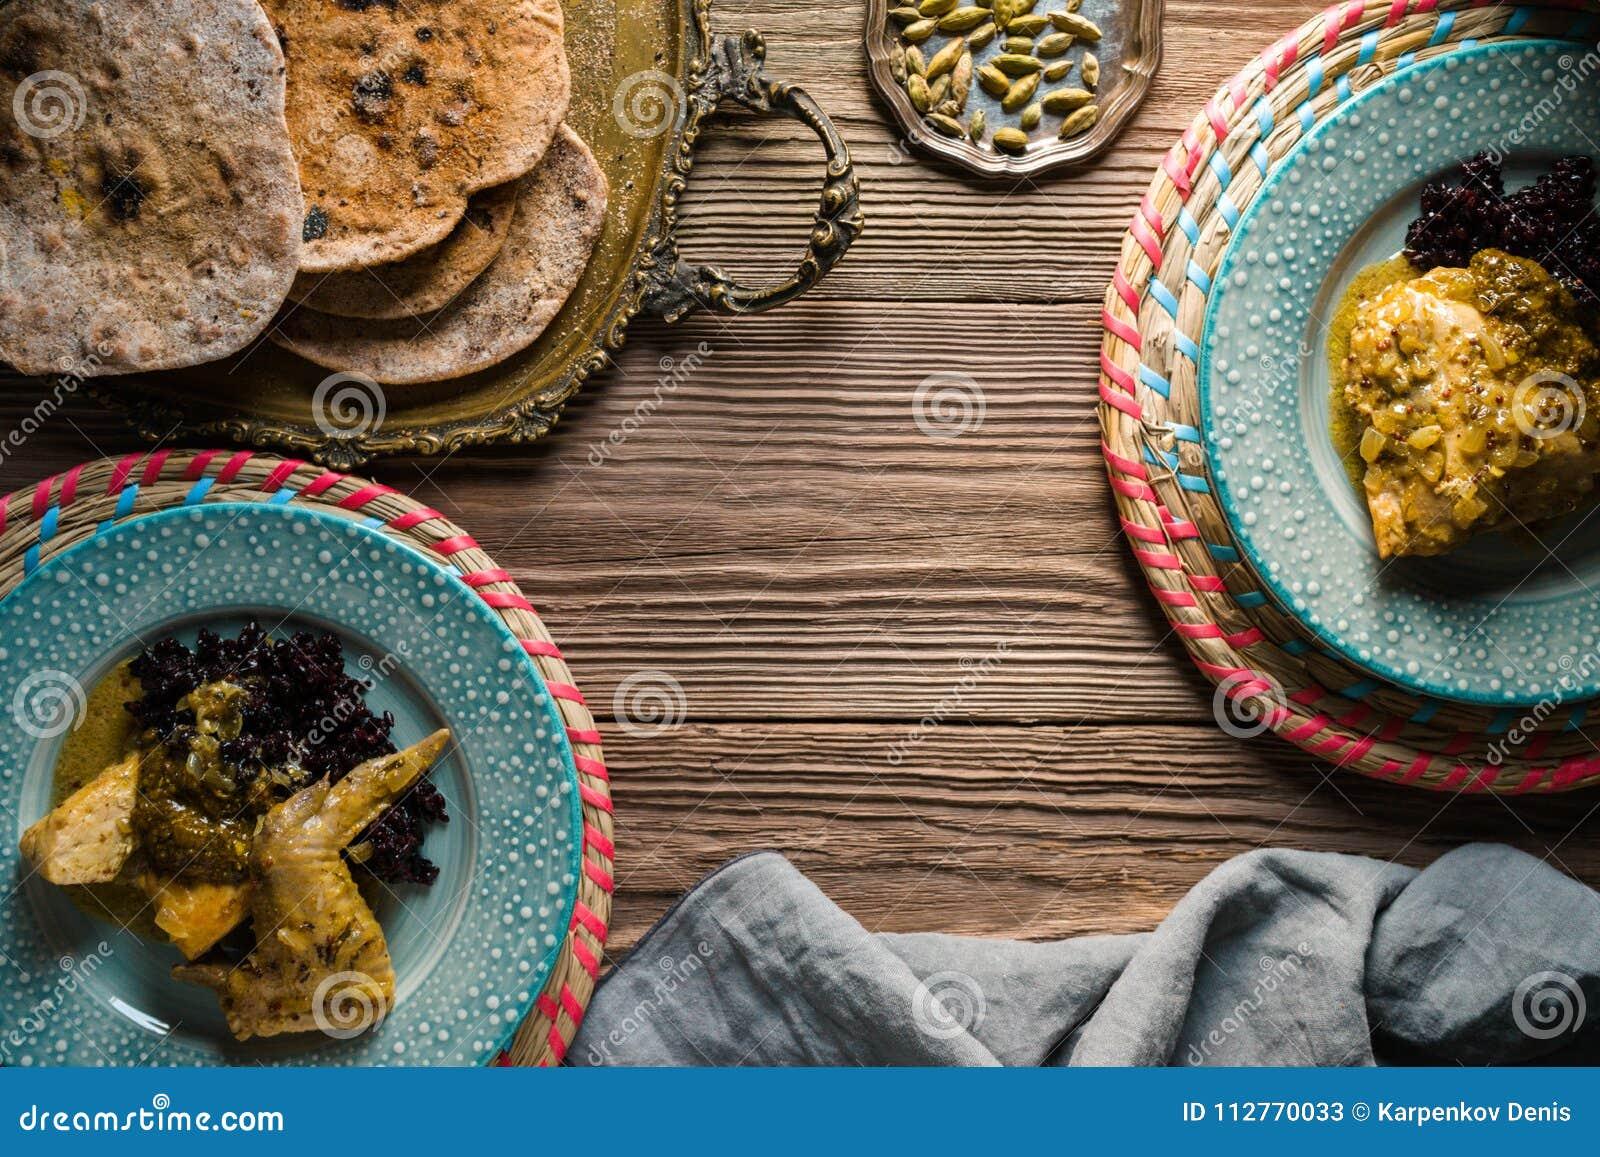 Encantador Utensilios De Cocina India En Línea Colección de Imágenes ...